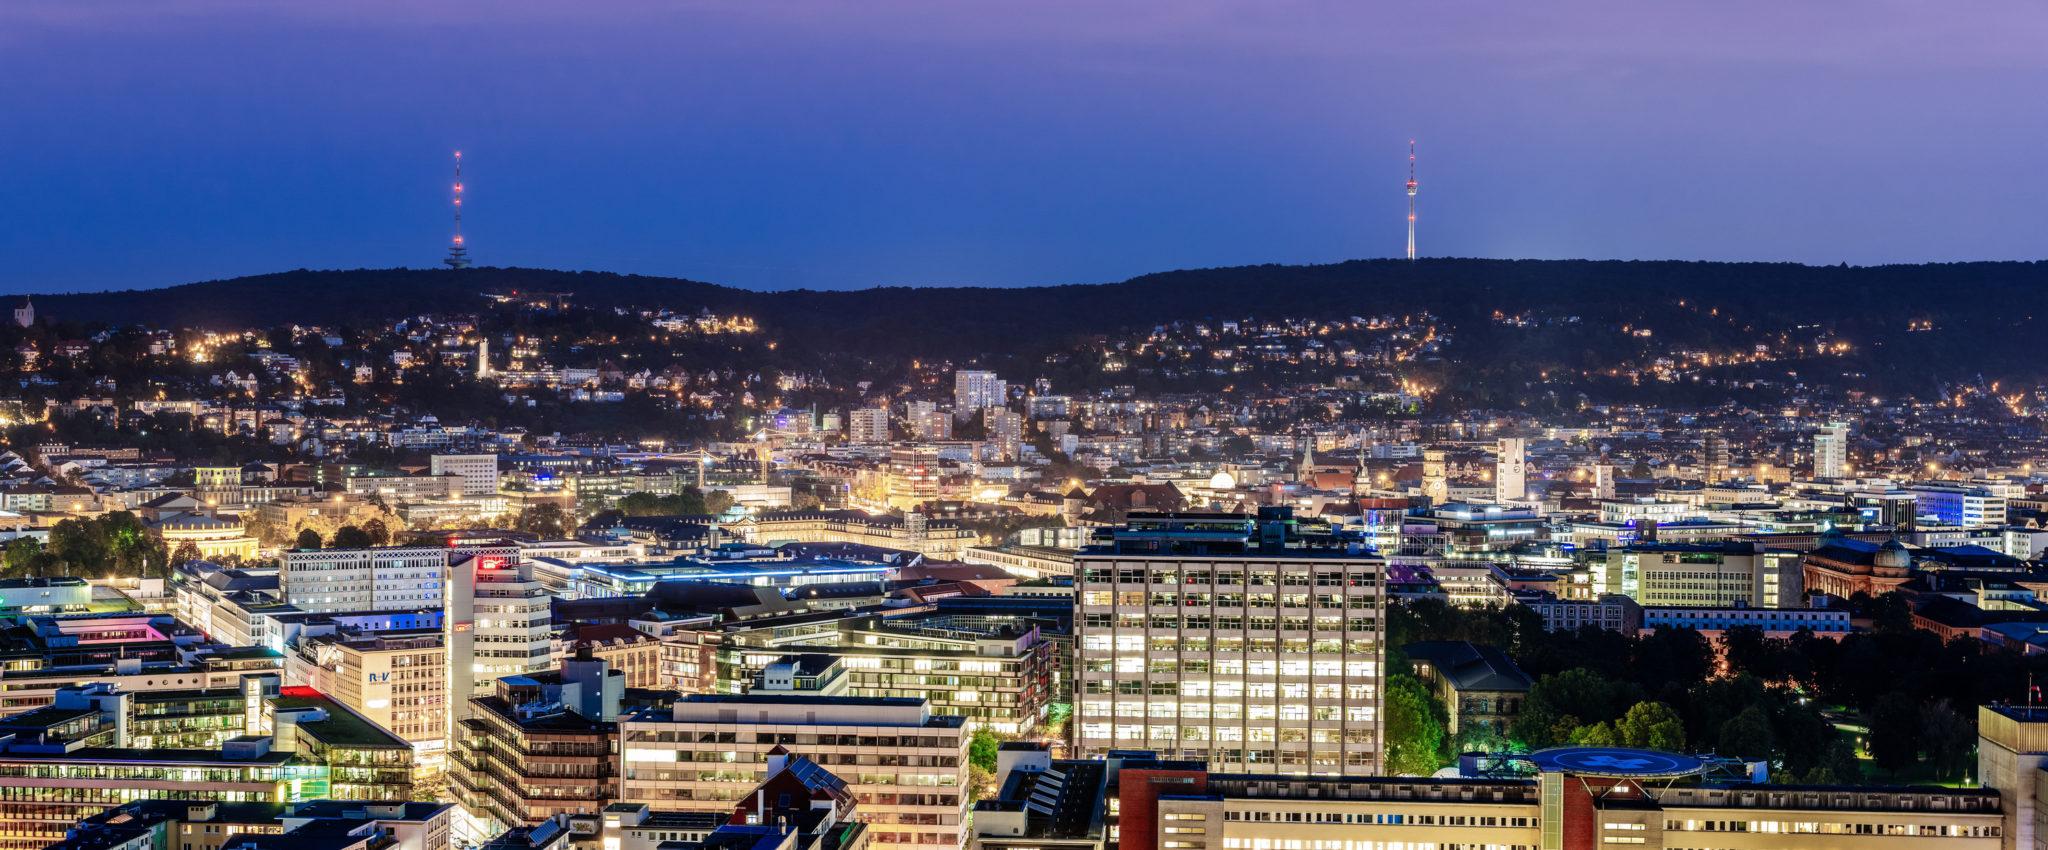 Haushaltsauflösung und Entrümpelung in Stuttgart